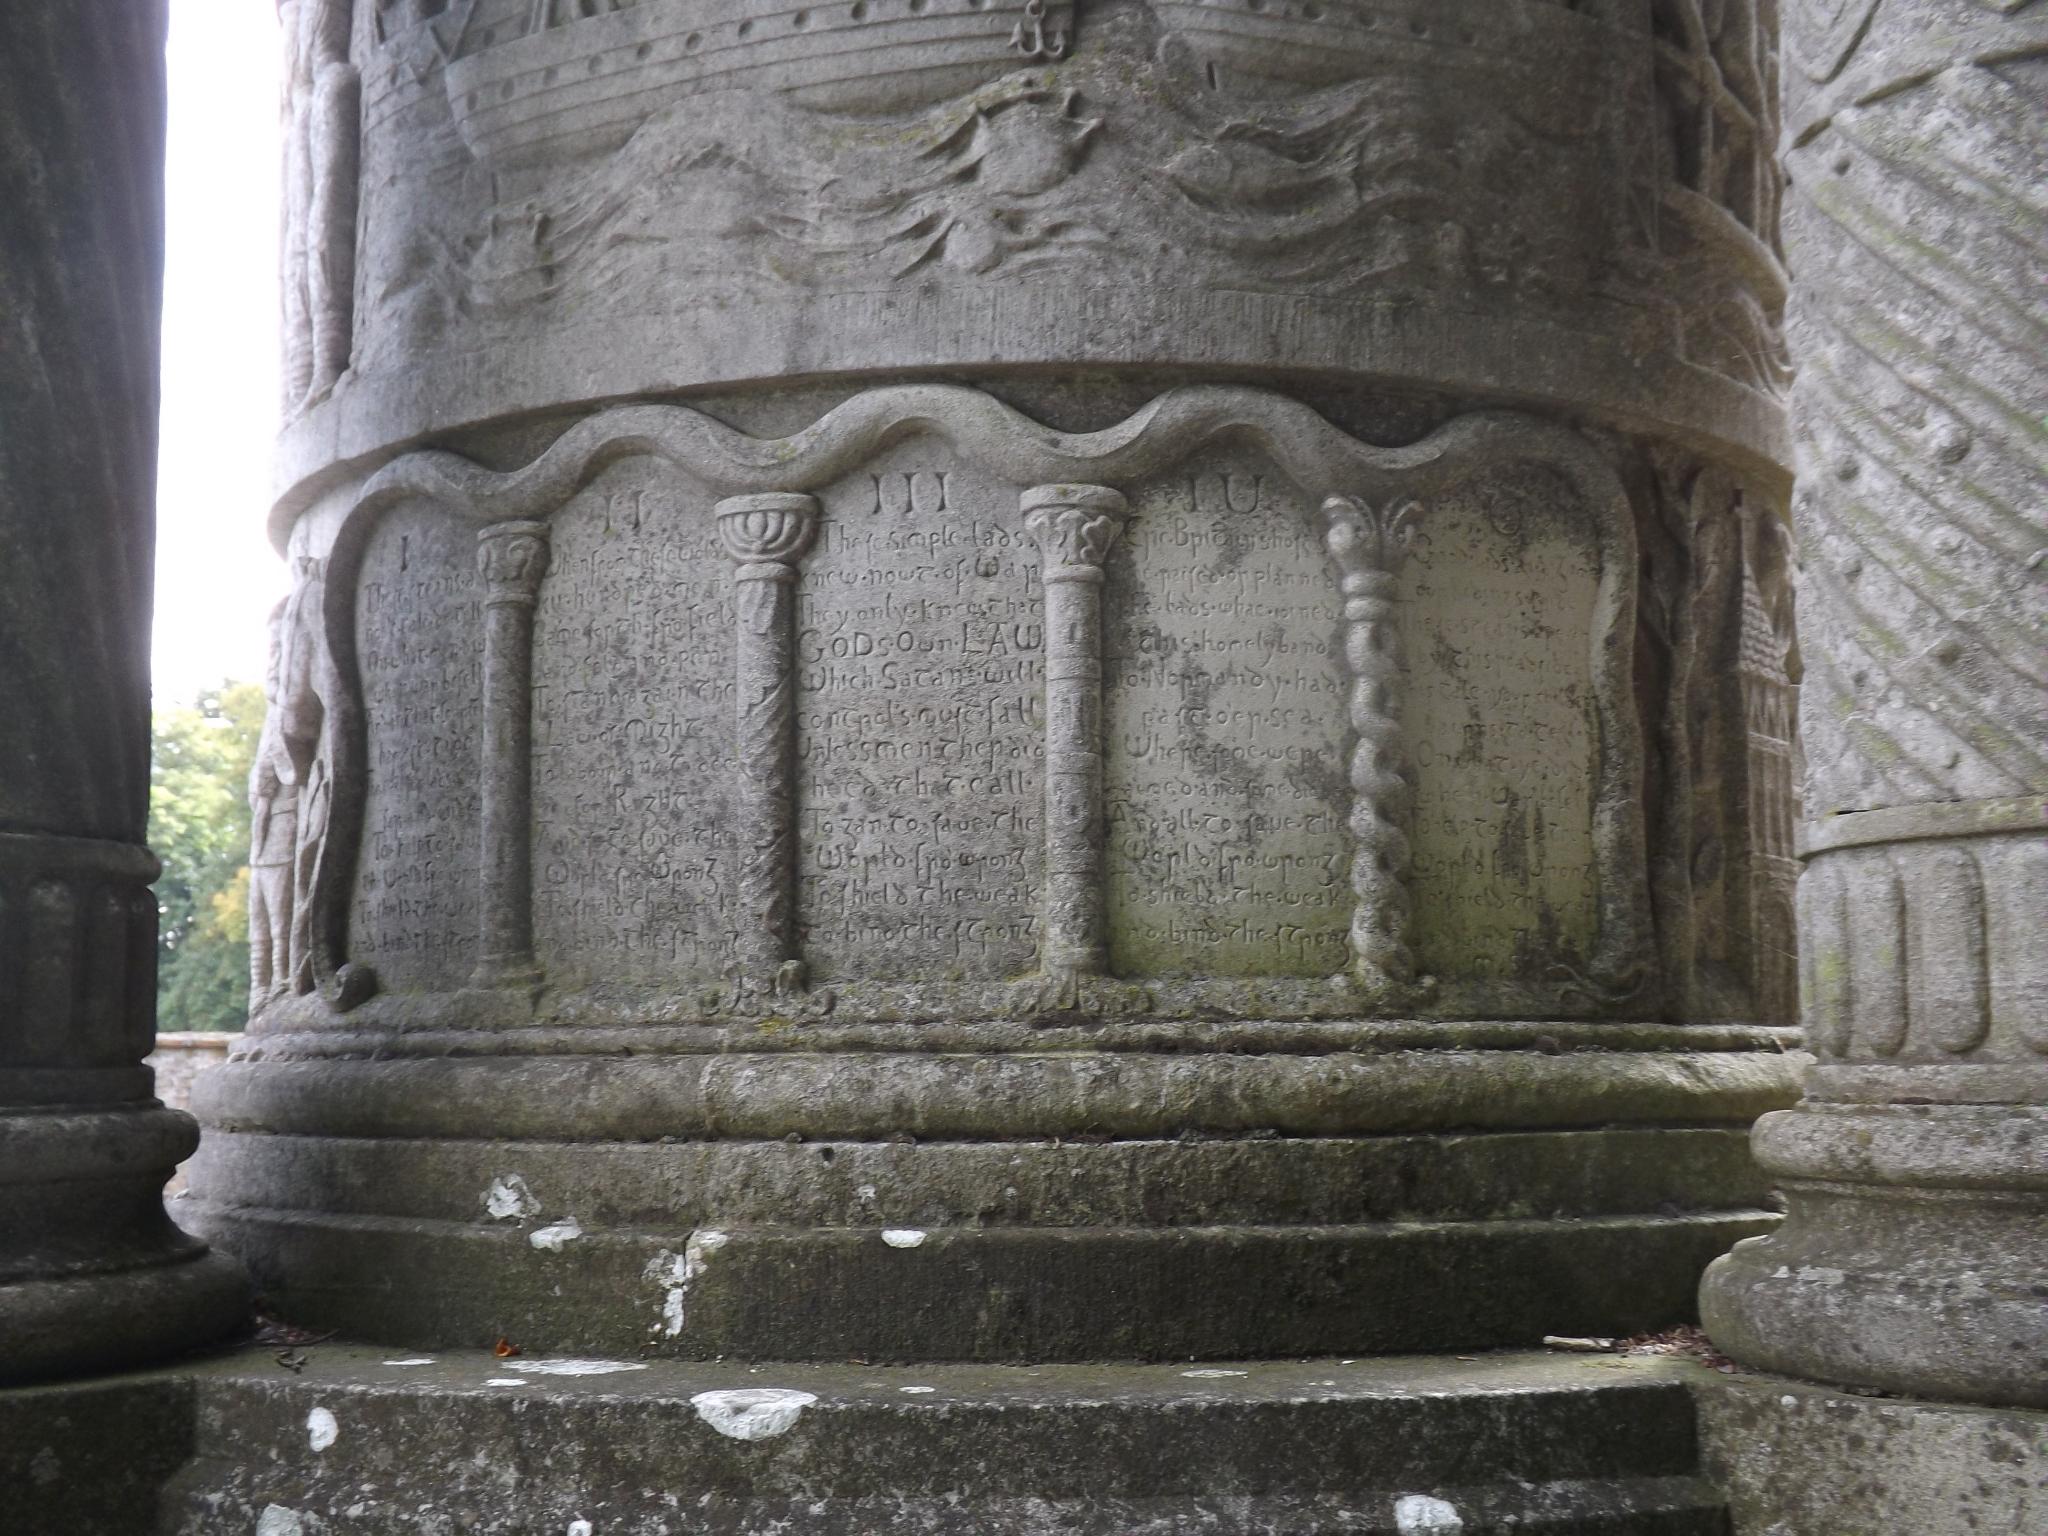 Sledmere Wagoners' Reserves Pillar - War Memorials Online